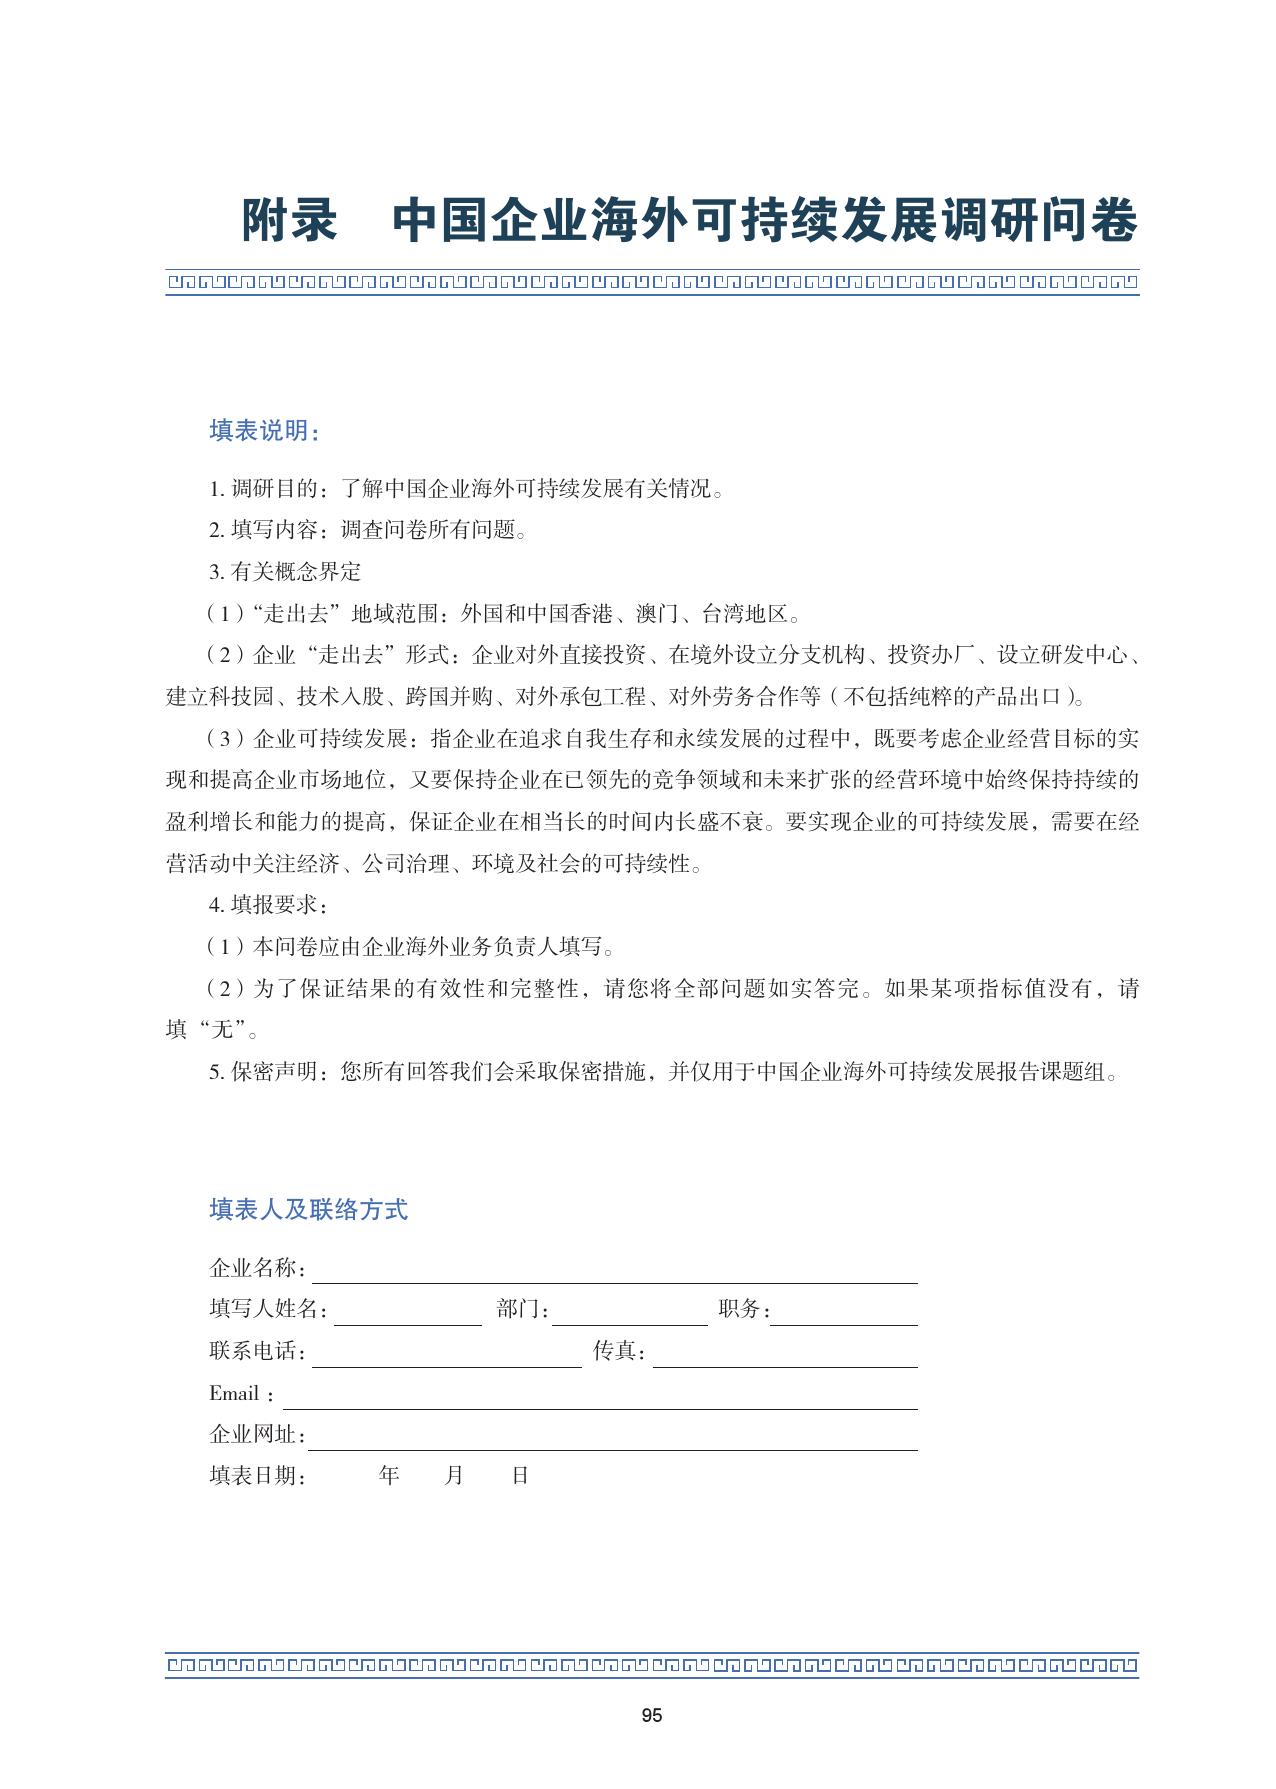 2015中国企业海外可持续发展报告_000109